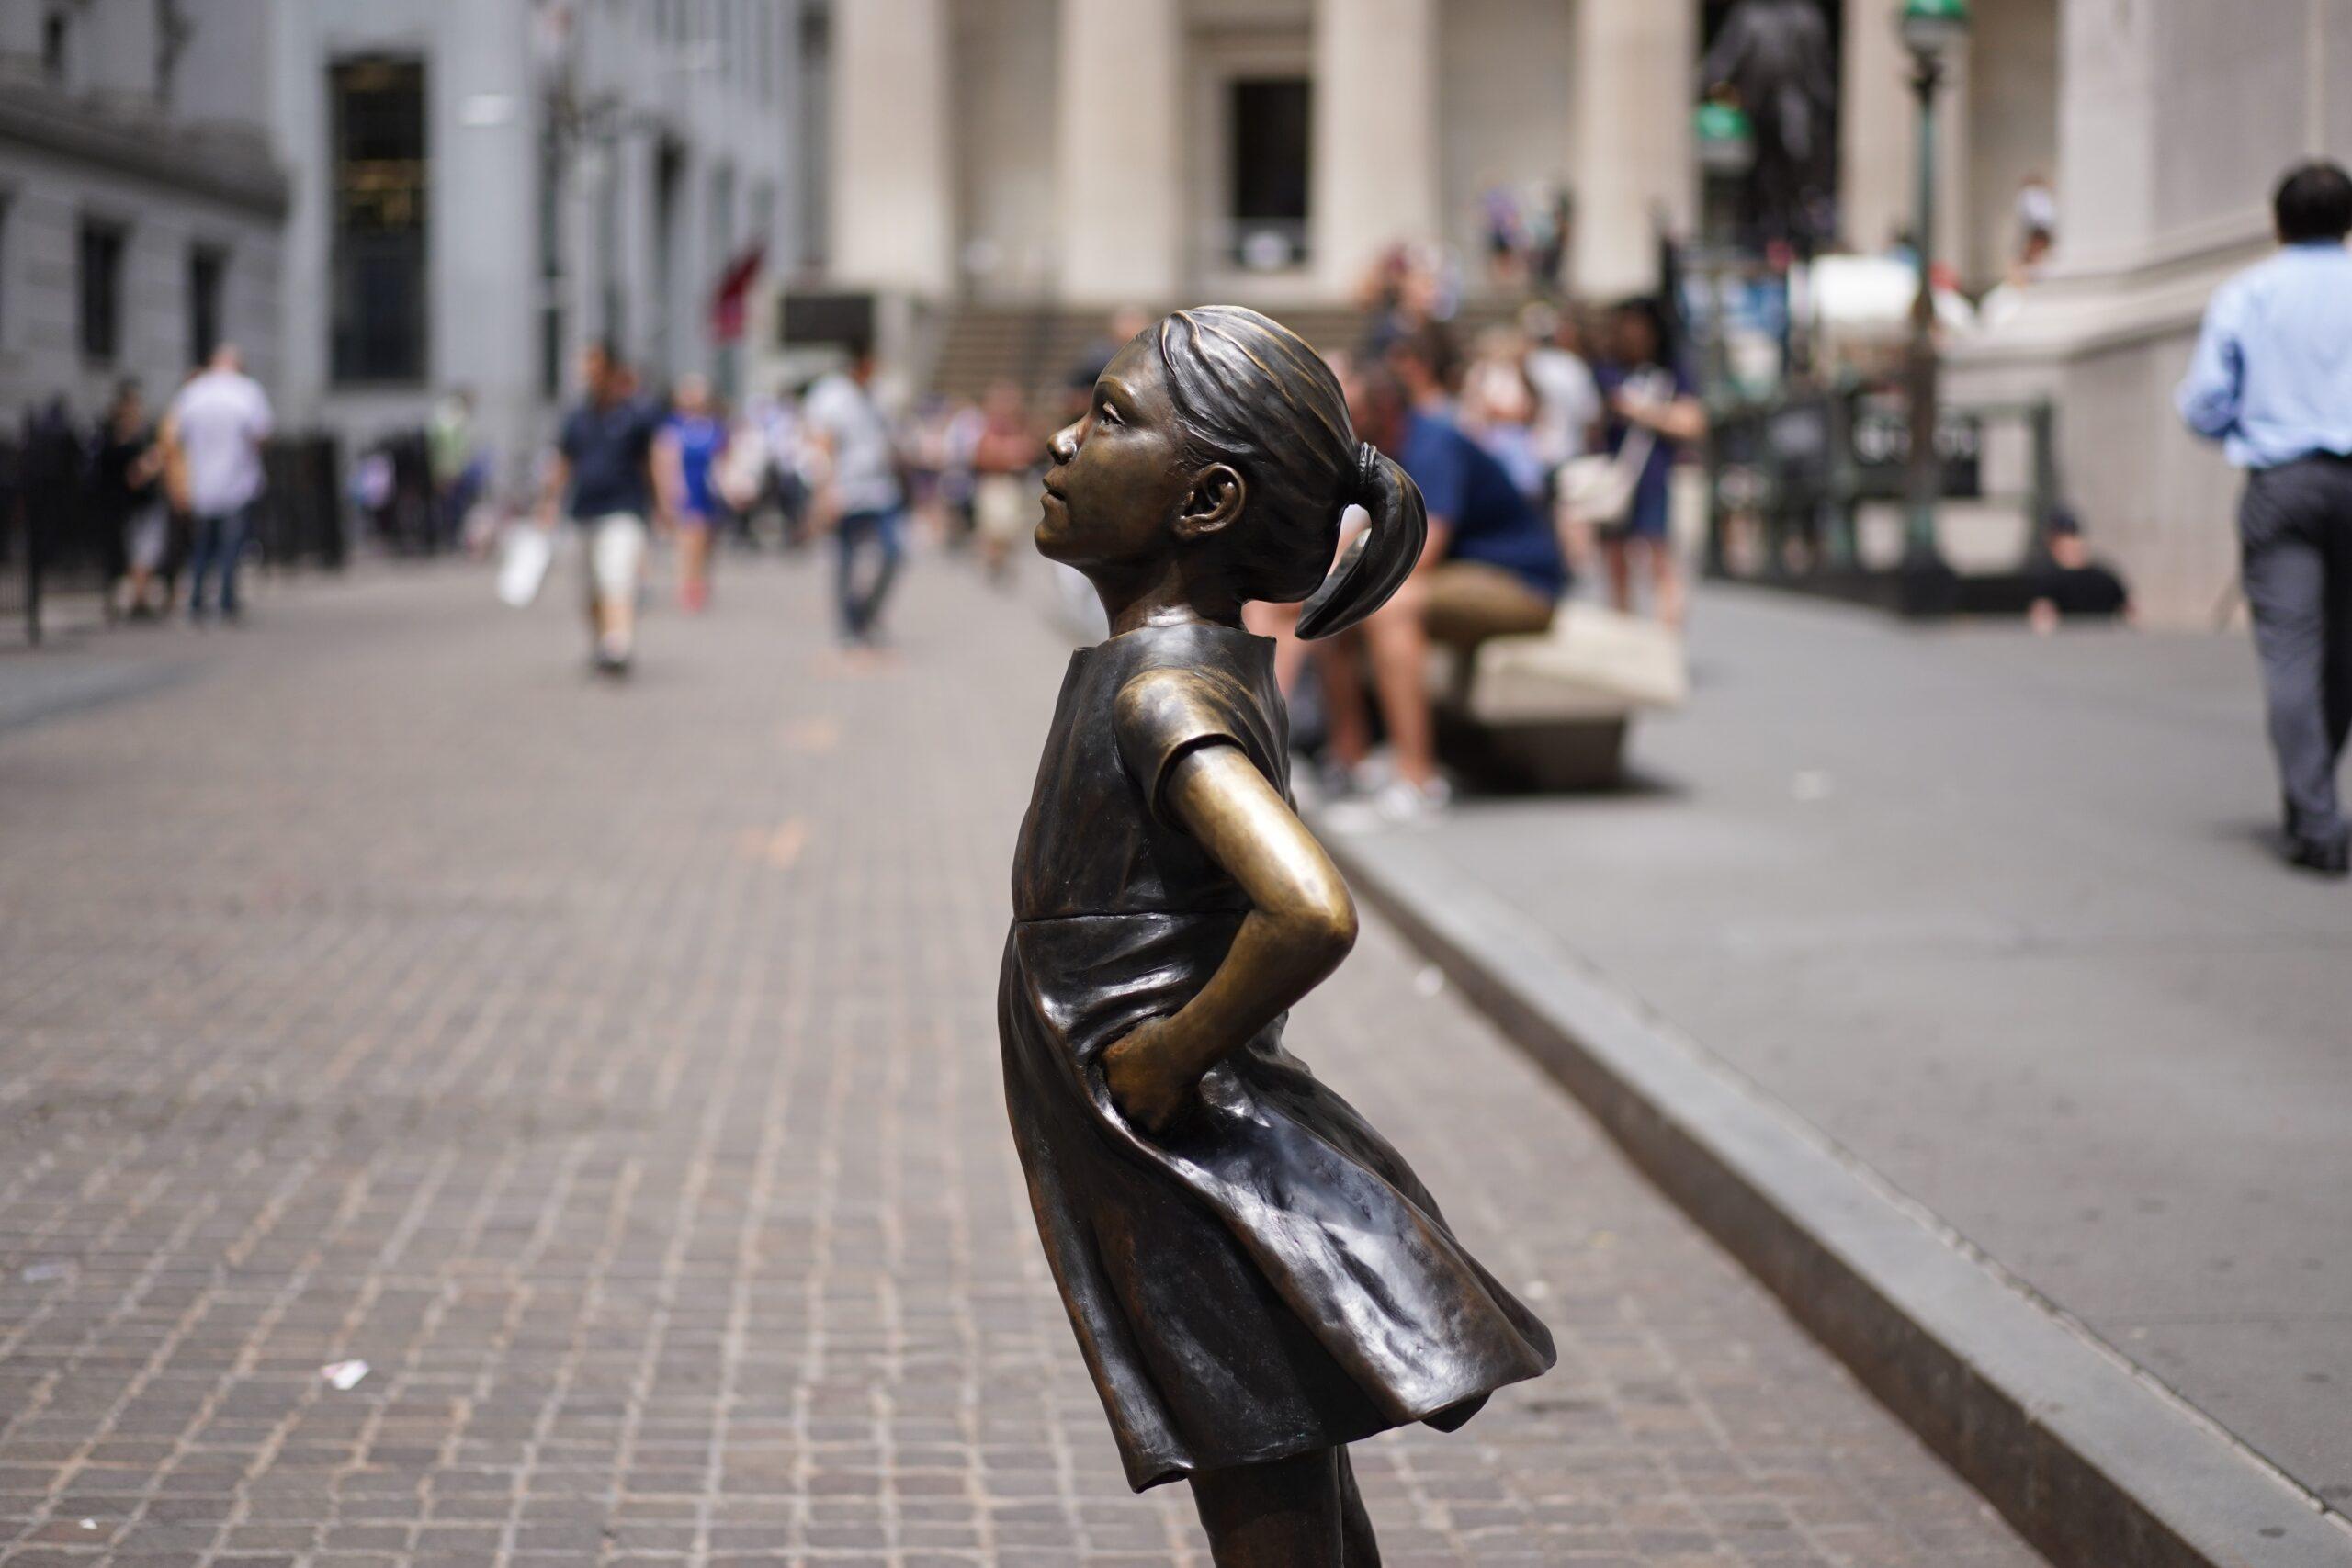 Fearless Girl sculpture at Wall Street, New York, street art sculptures